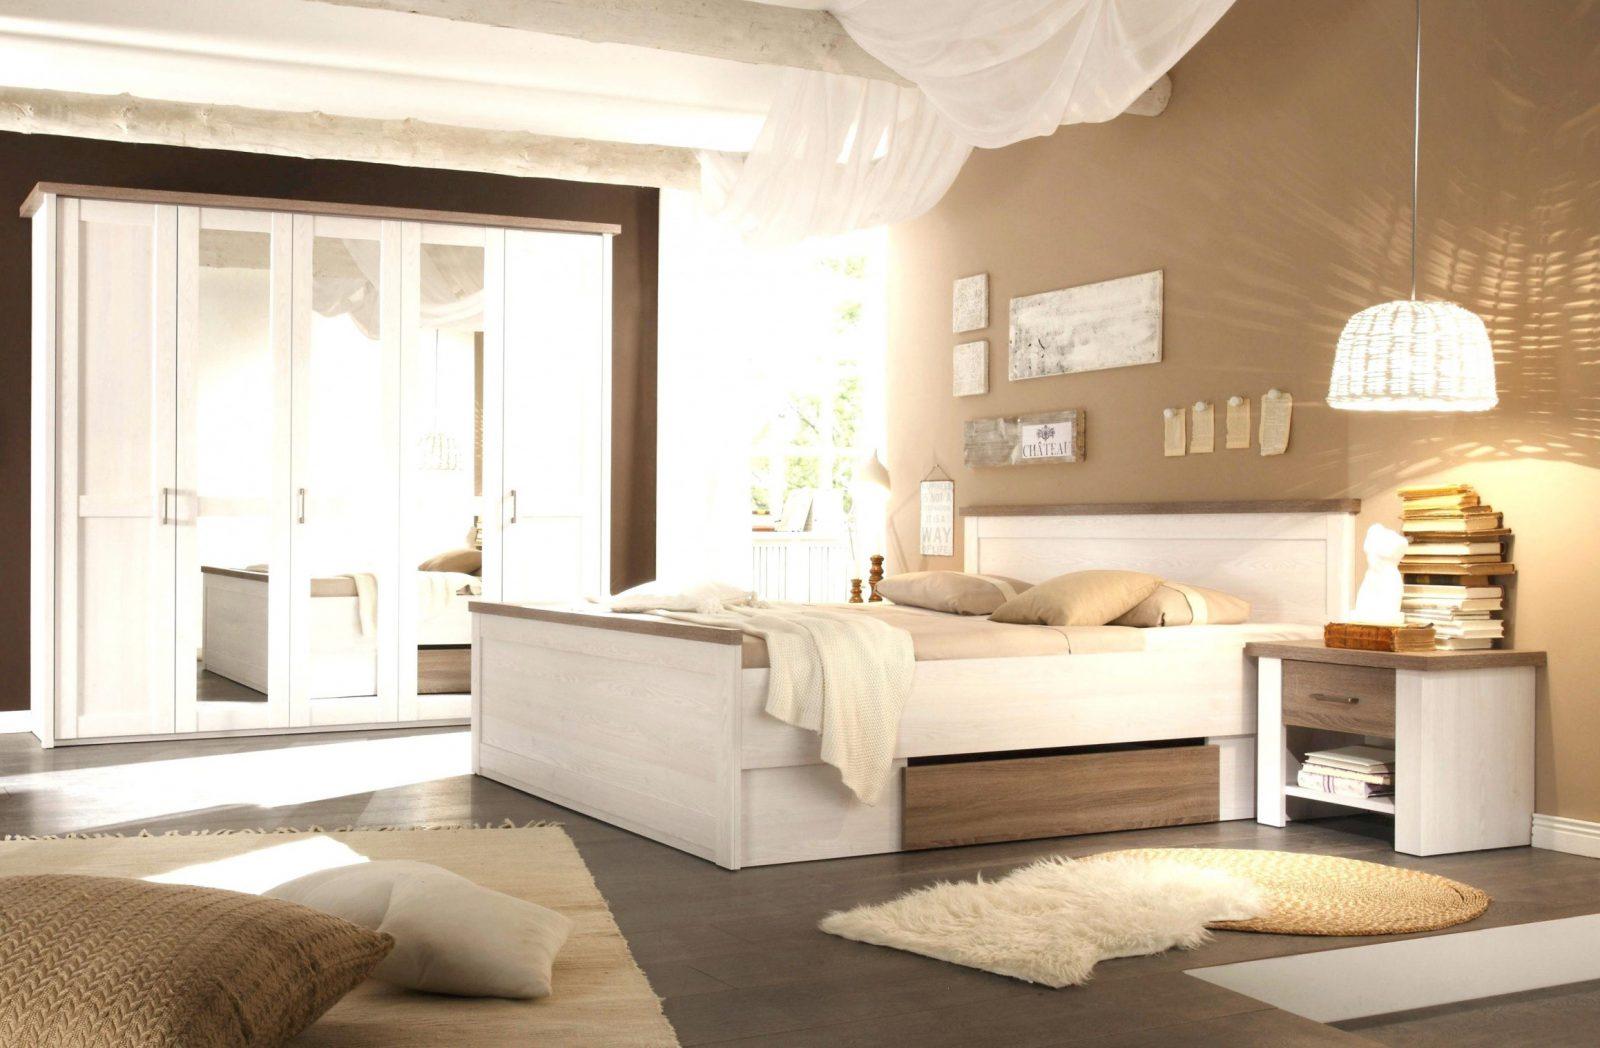 Romantische Deko Ideen Fürs Schlafzimmer Luxus Wanddeko von Schlafzimmer Ideen Romantisch Bild